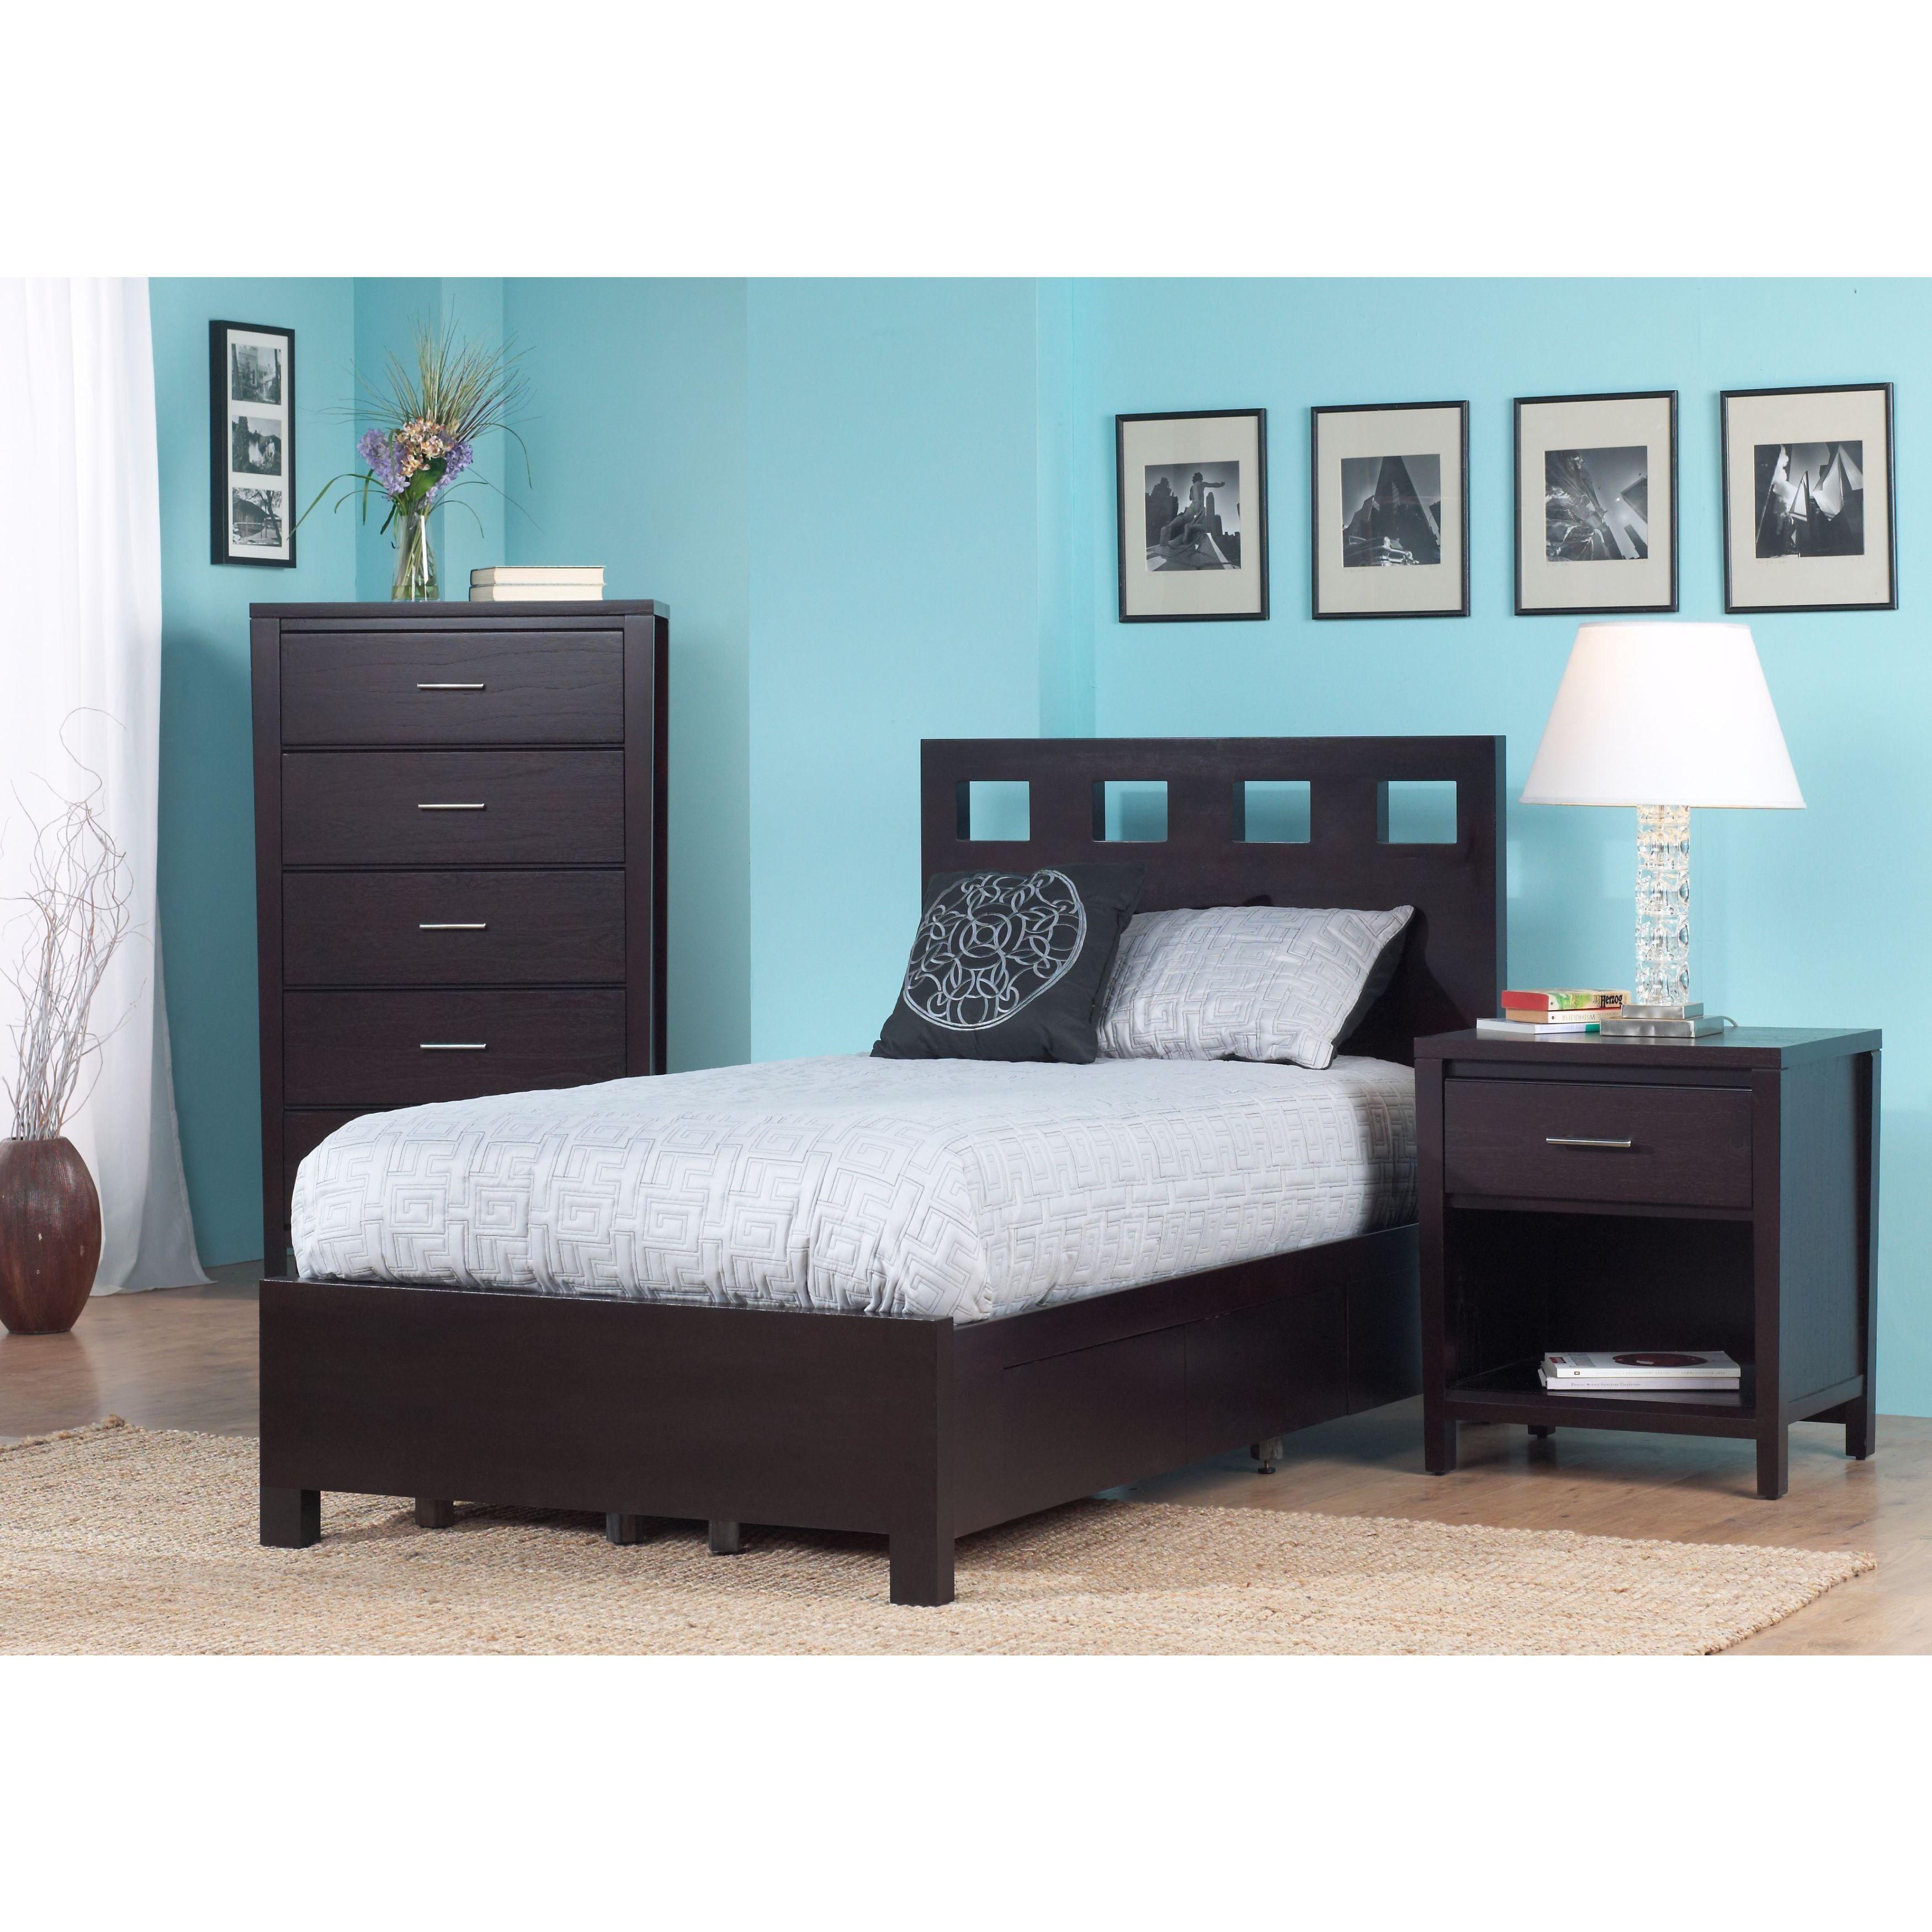 Shop Rectangular Cutout Platform Storage Bed in Espresso - Free ...